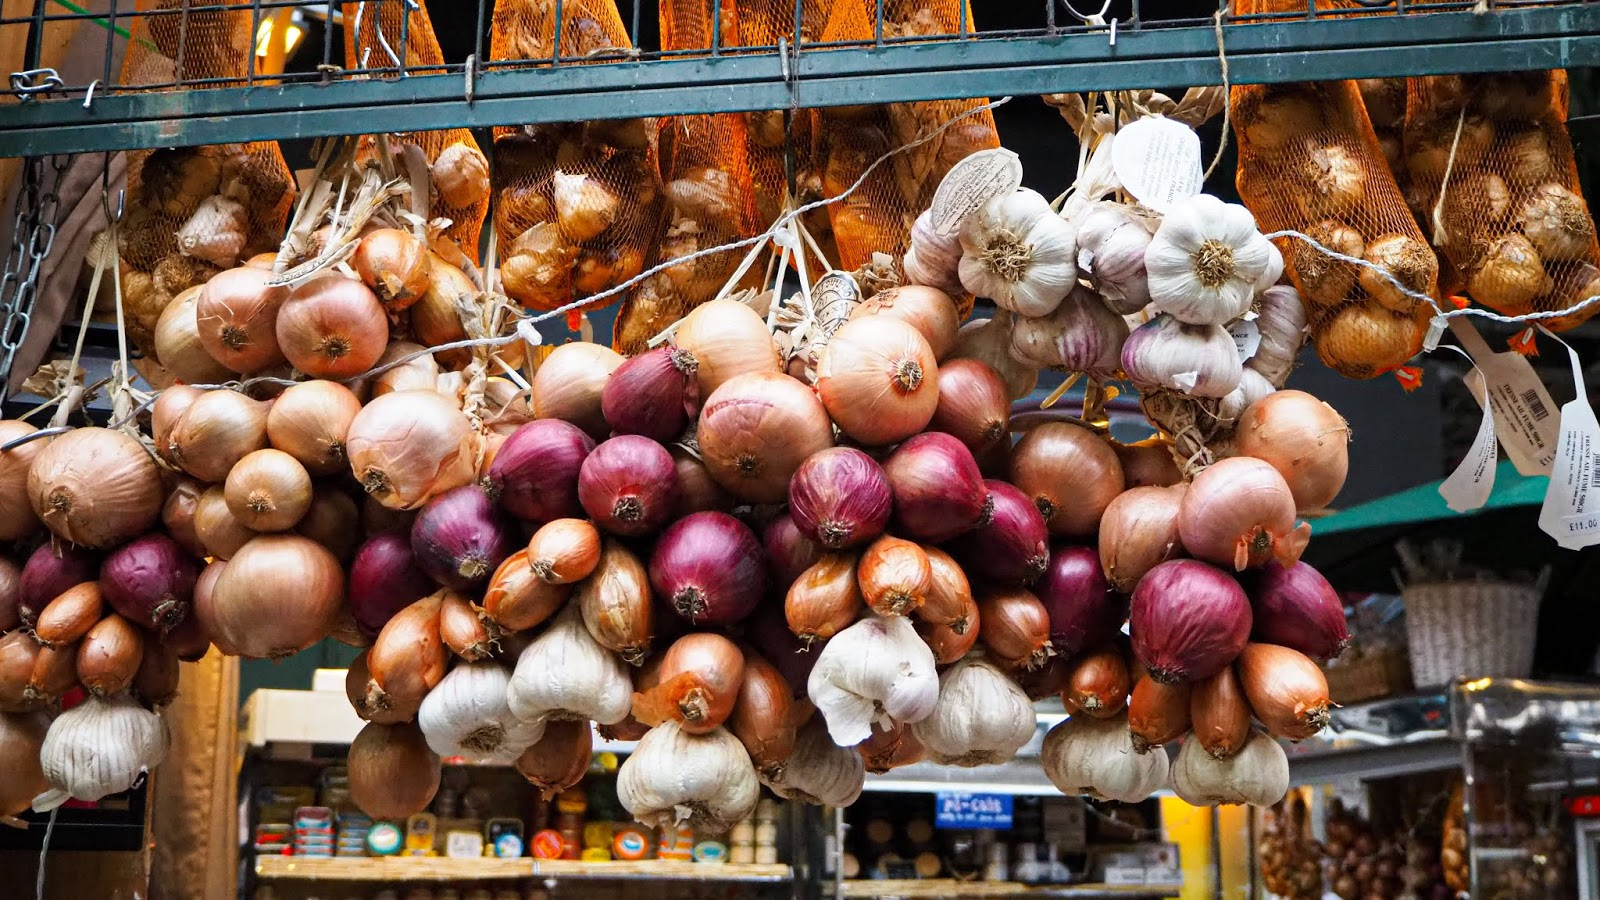 Fresh produce at Borough Market